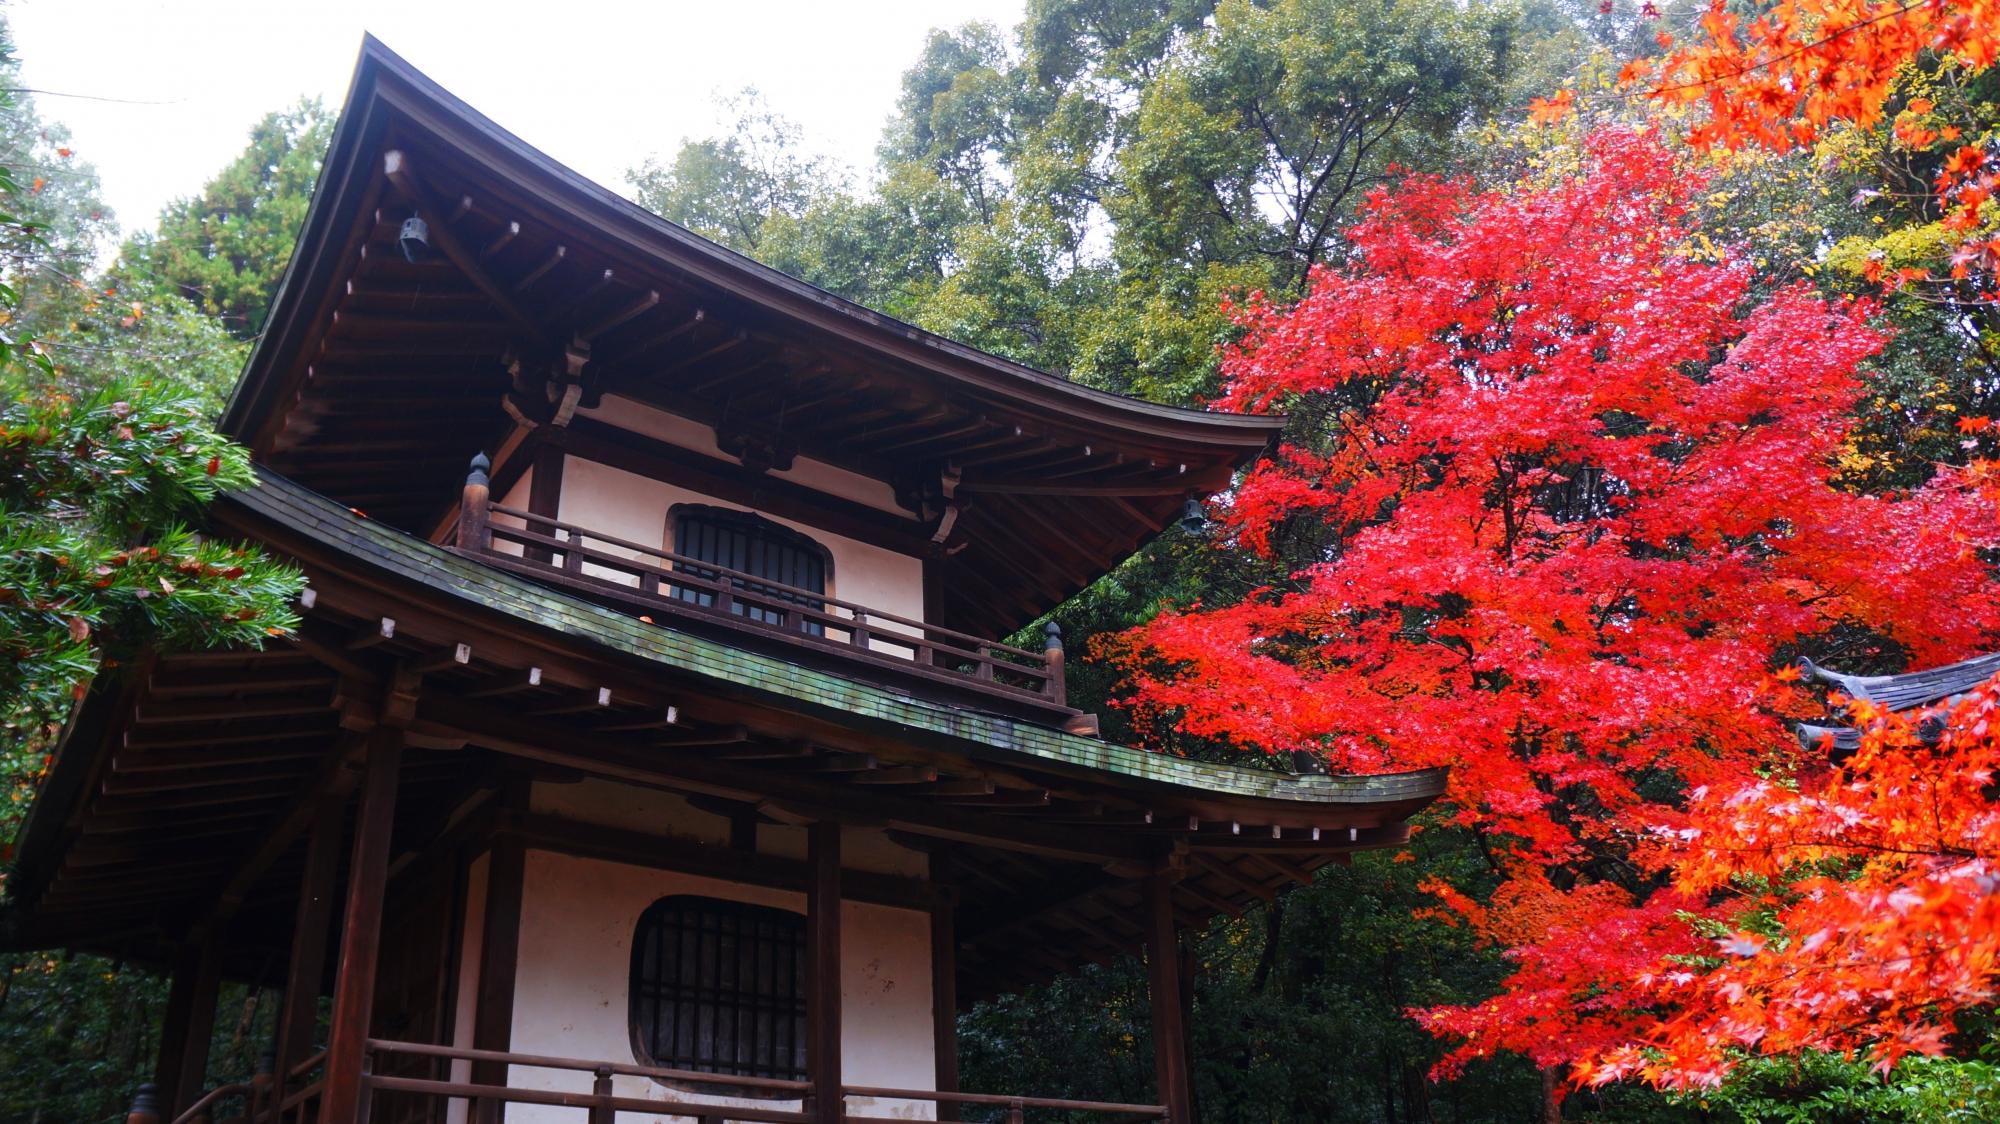 栖賢寺の絵になる秋の風景